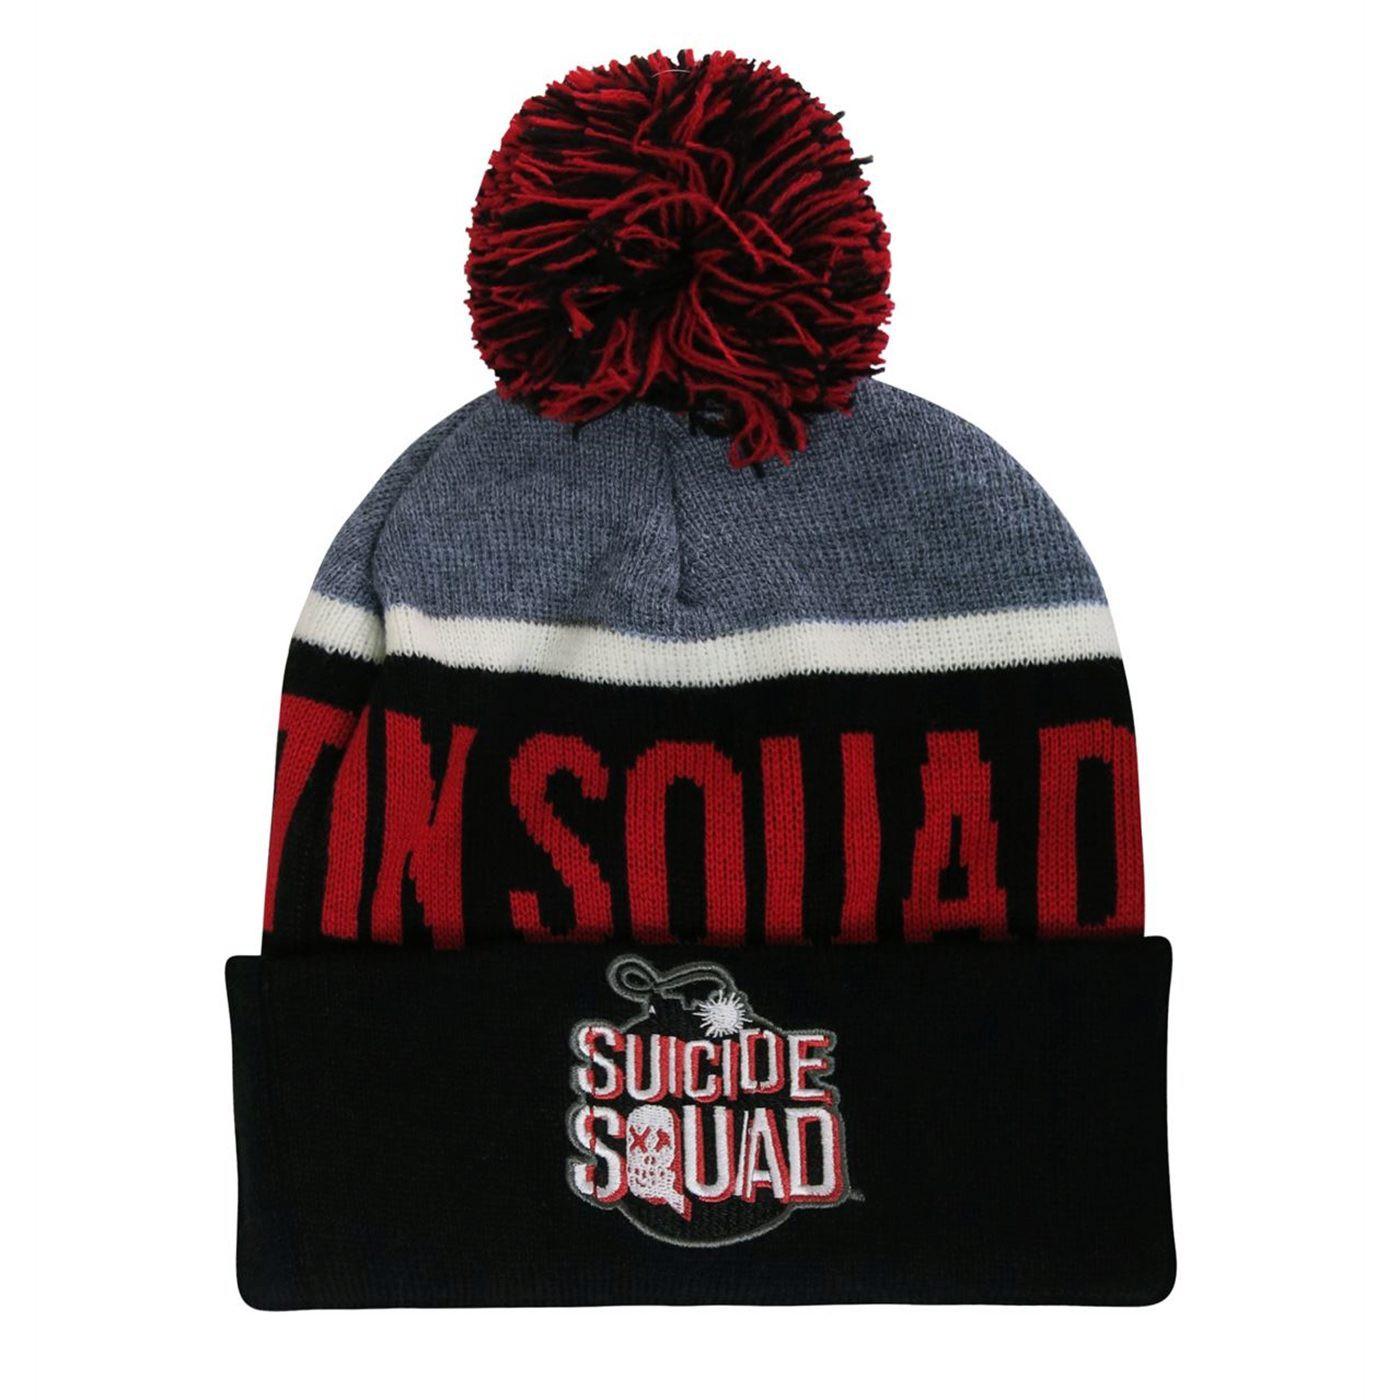 Suicide Squad Pom Pom Beanie